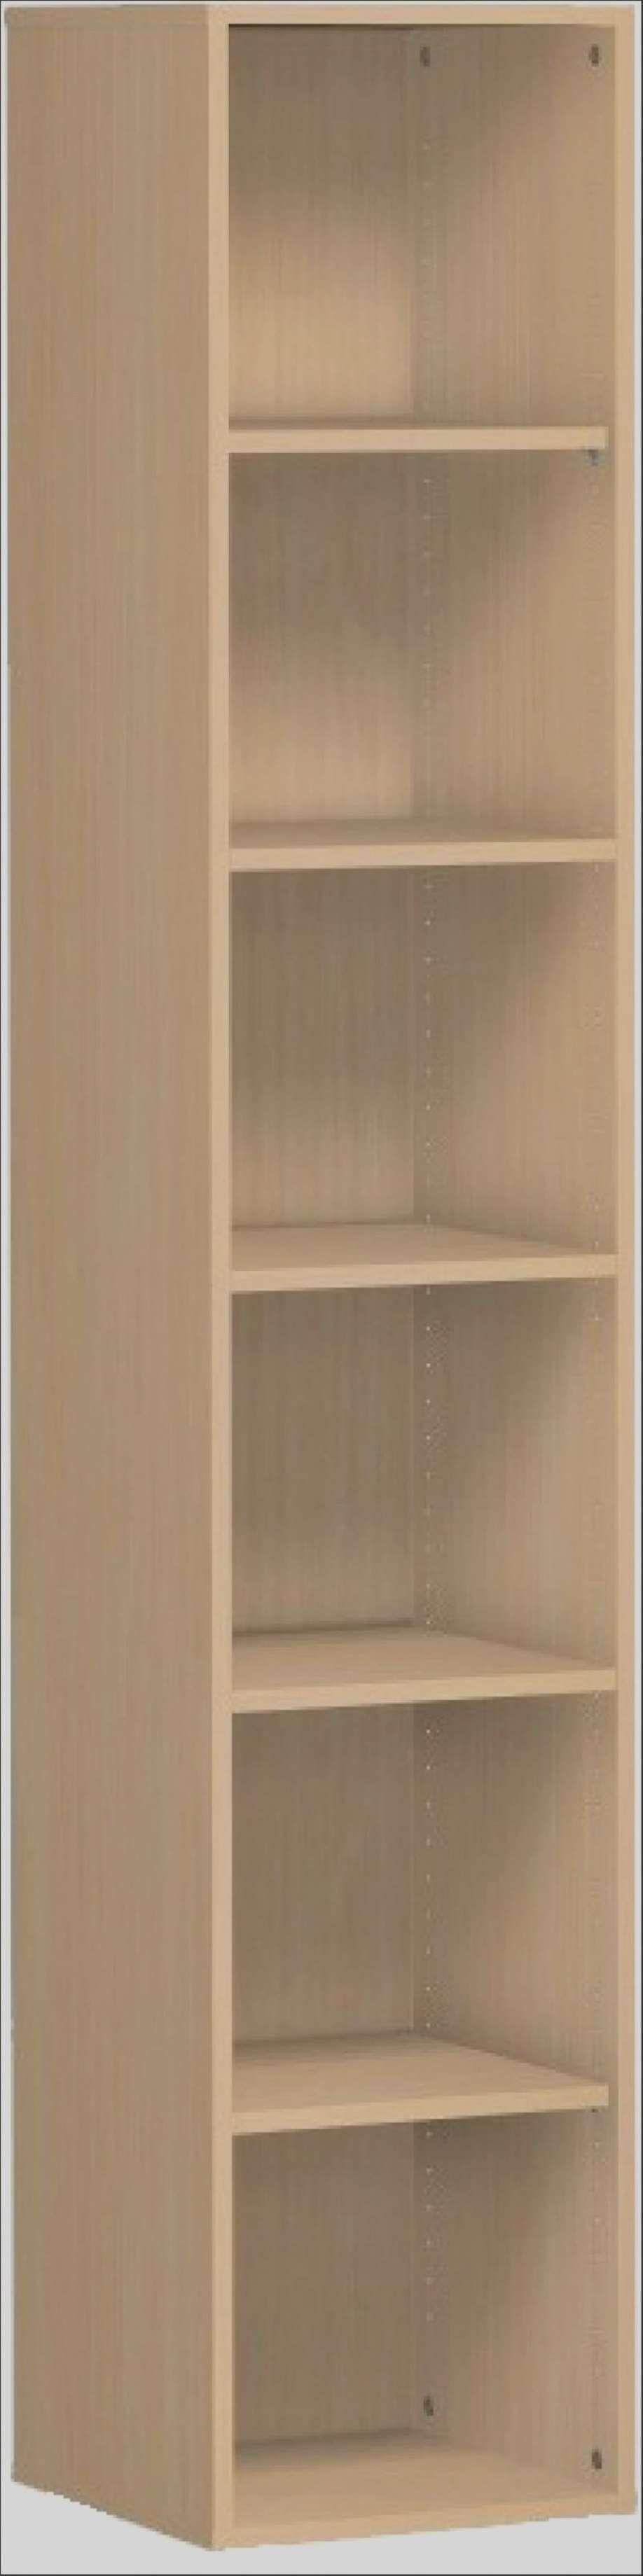 Schuhschrank Eiche Sägerau Regal 50 Cm Tief Beste Von 50 Fotografien Regal 60 Cm Breit 30 Cm Home Decor Shelves Bookcase